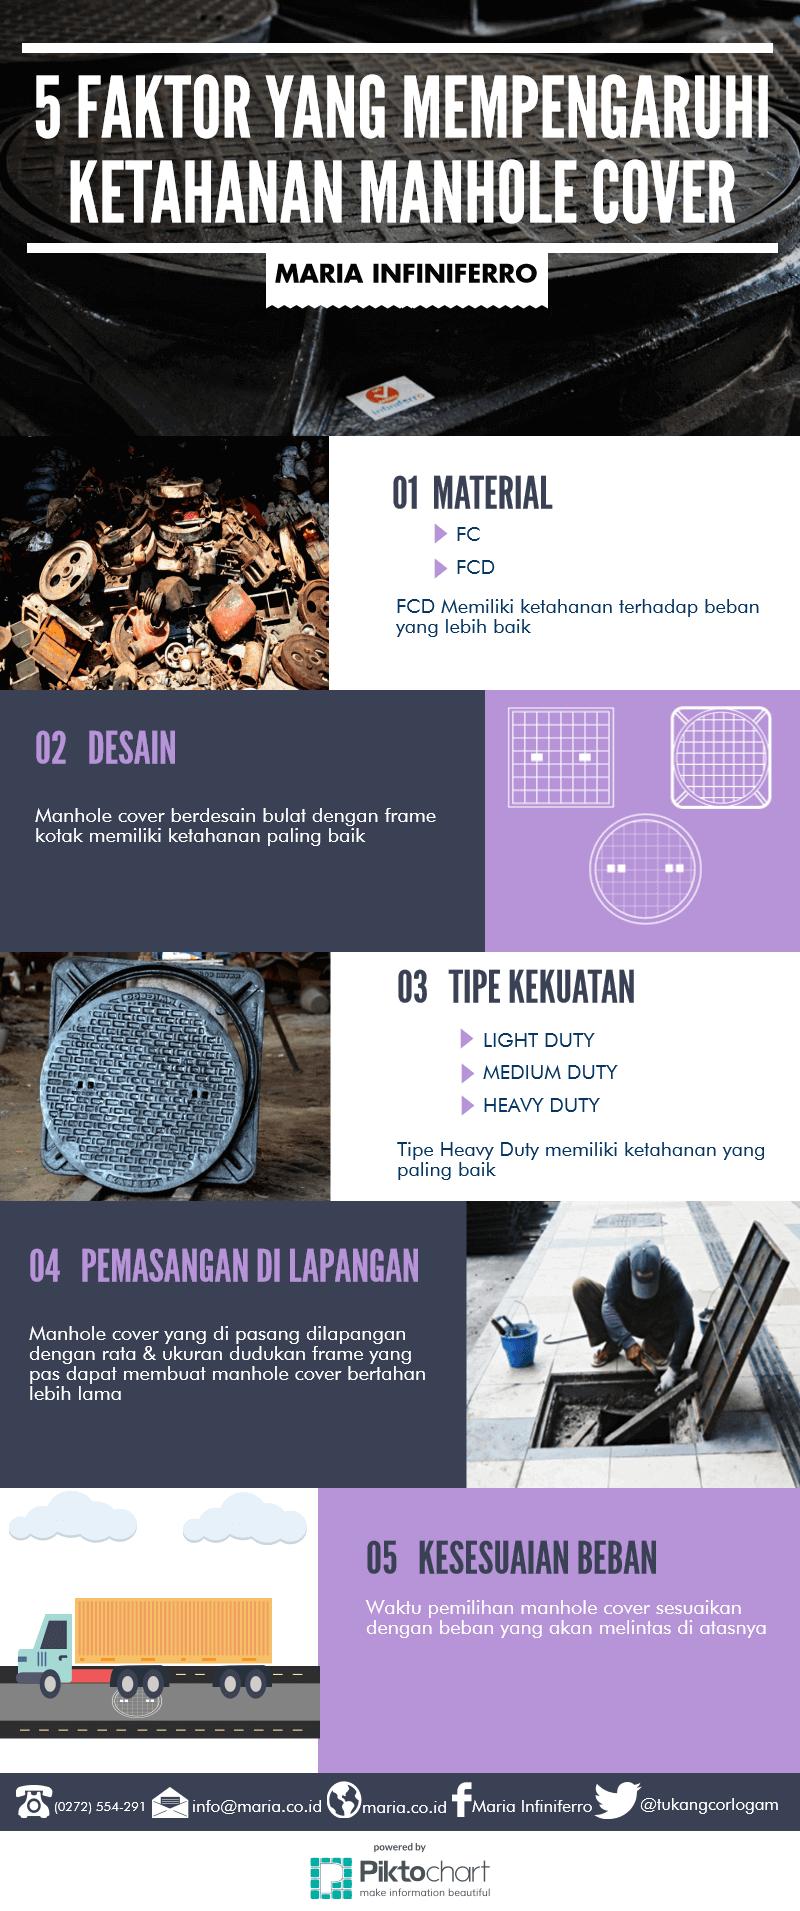 5 hal mendasar untuk ketahanan manhole cover